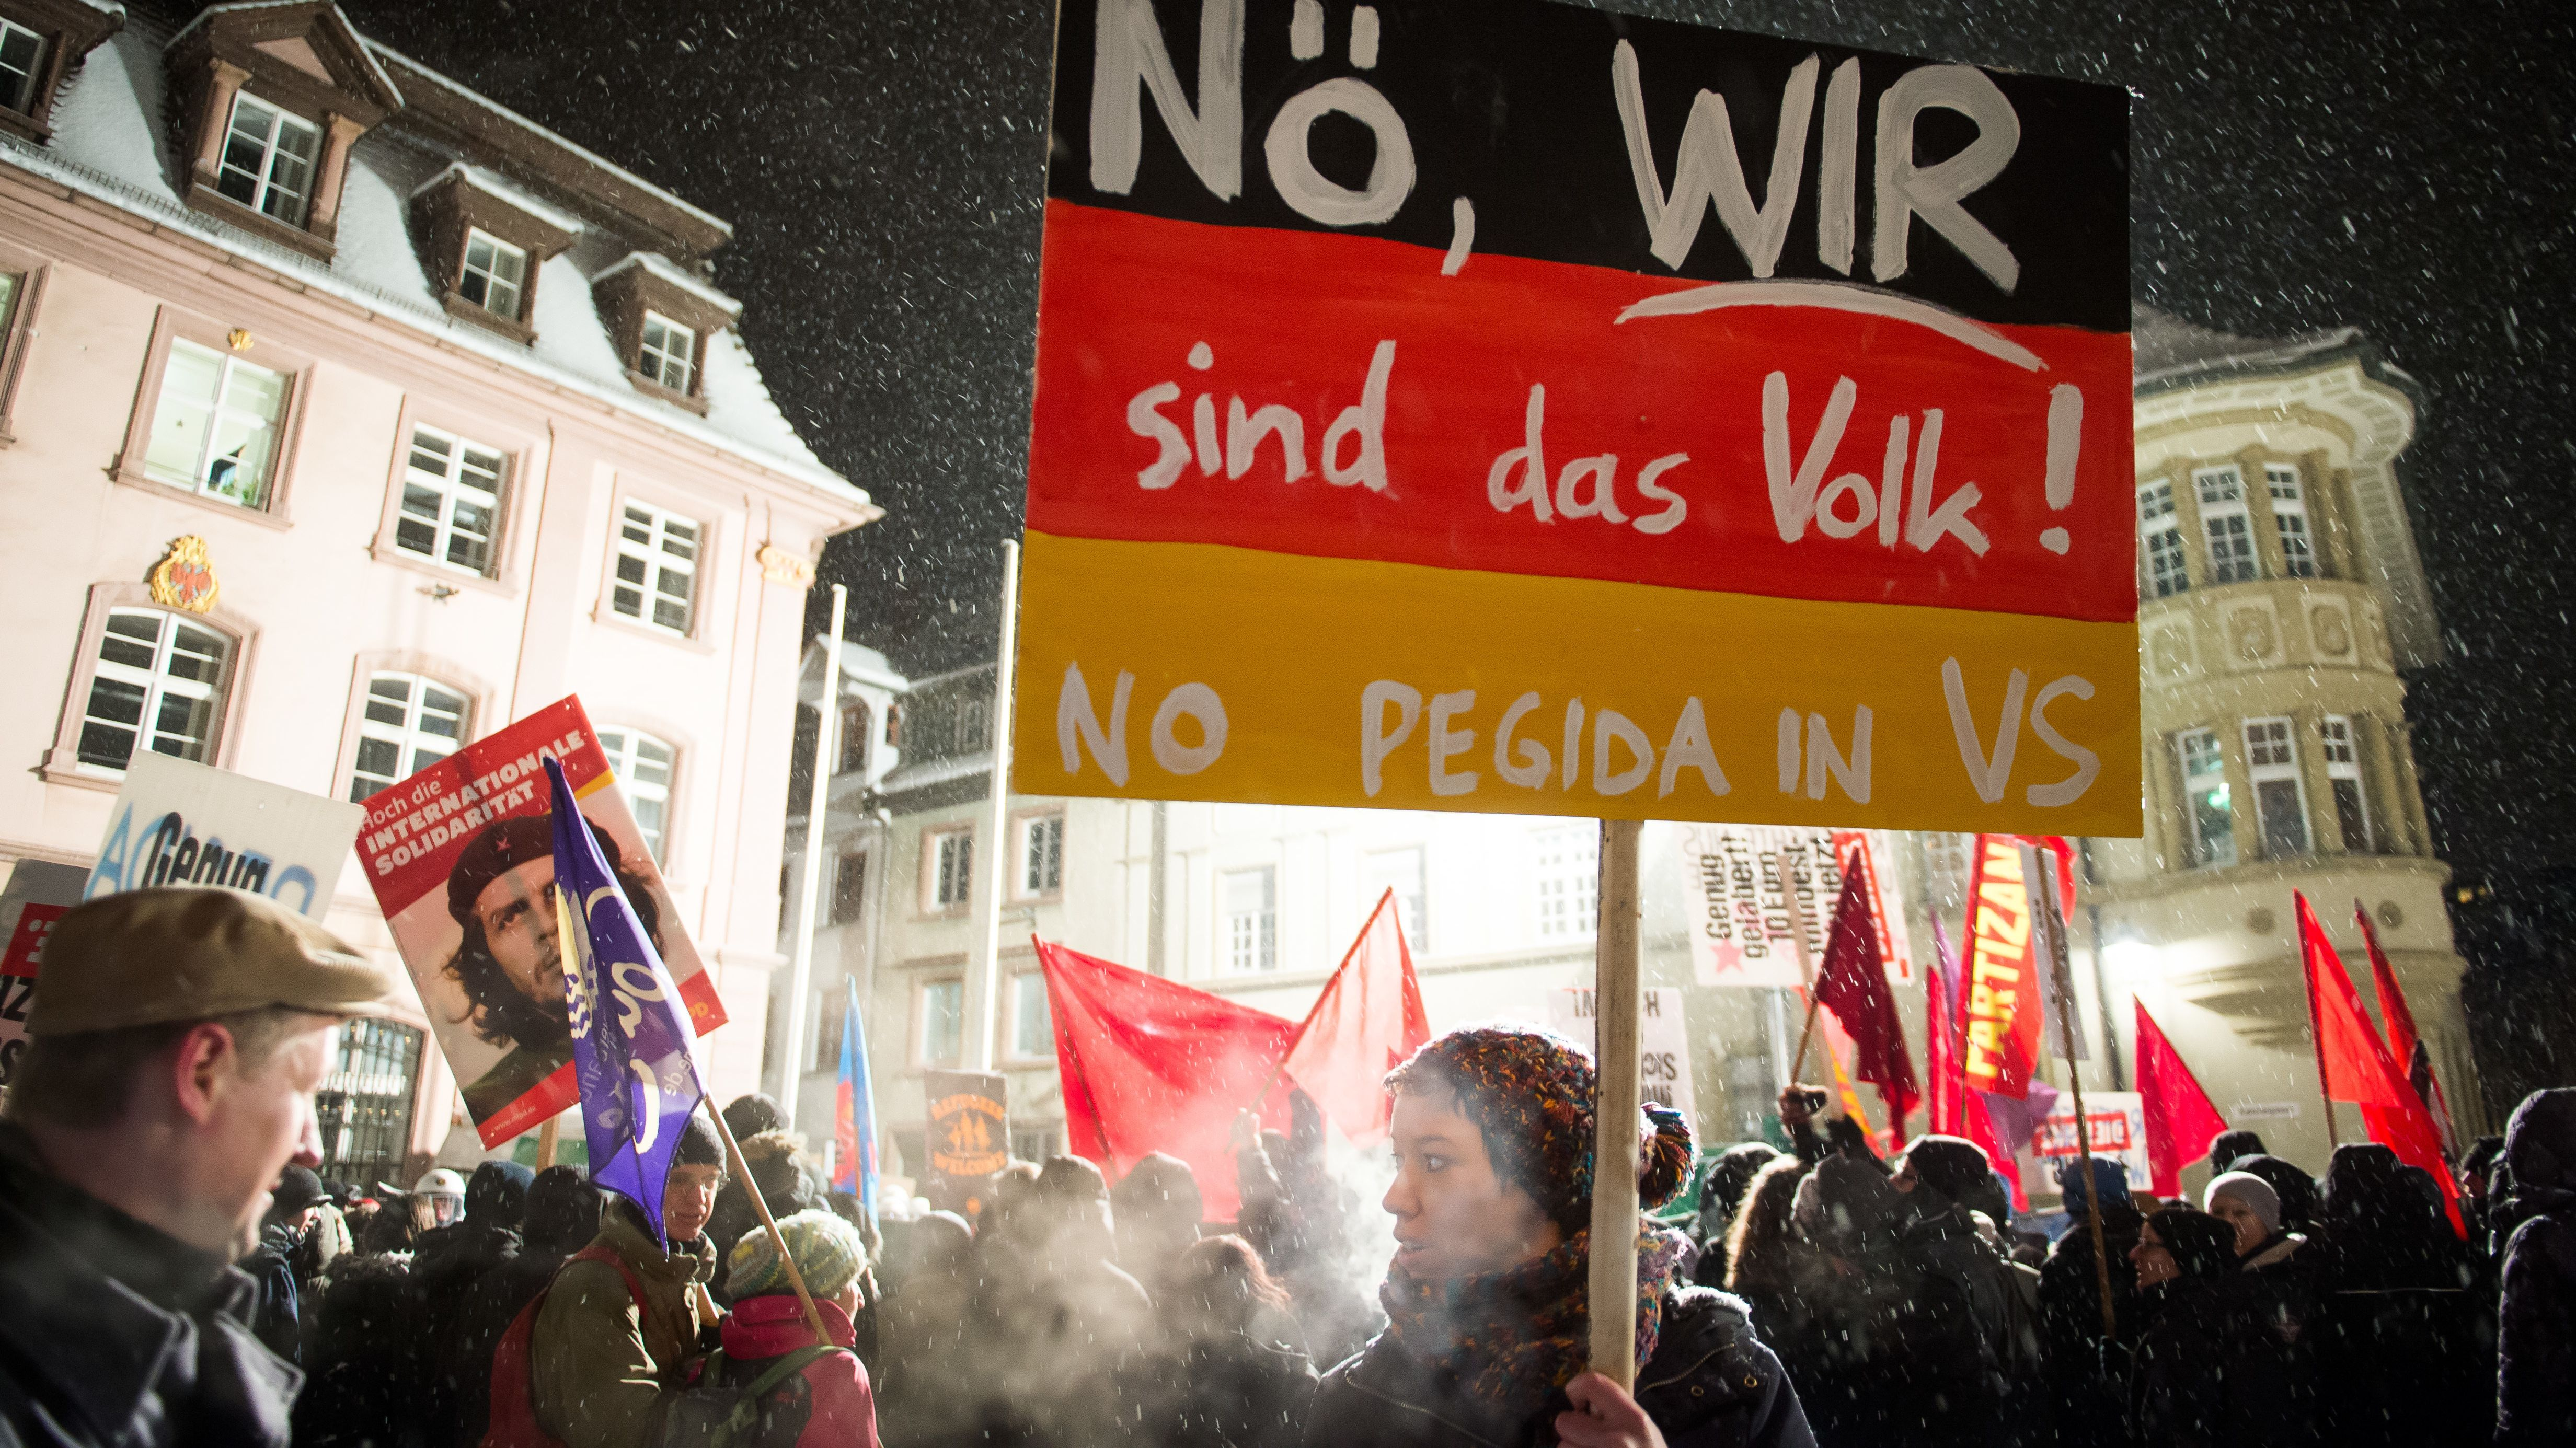 Protest gegen eine Pegida-Demo am 26.1.2015 in Villingen-Schwenningen (Baden-Württemberg)